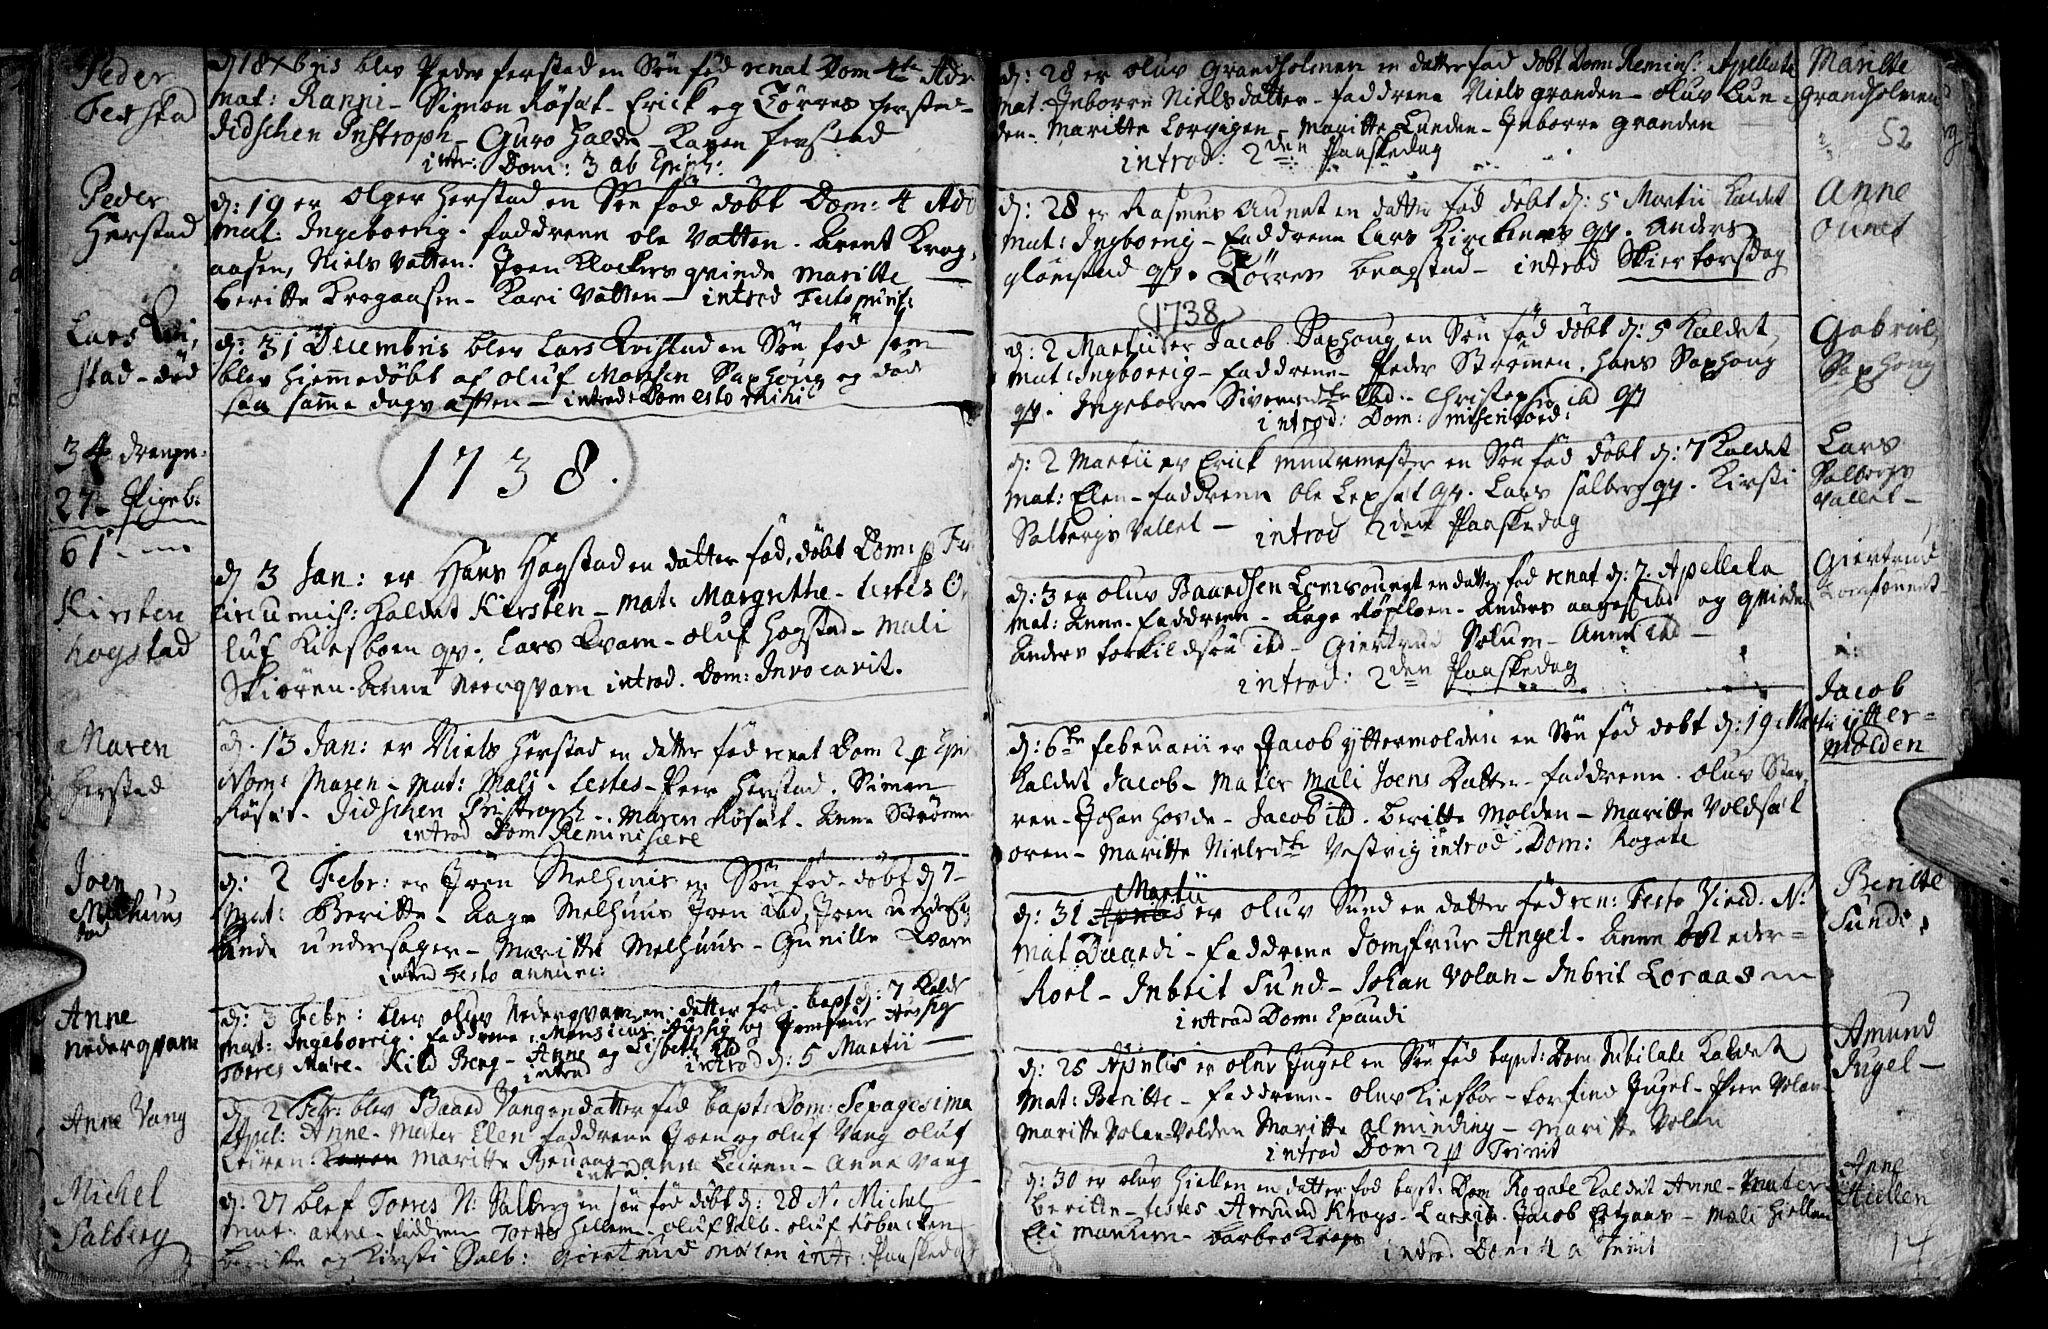 SAT, Ministerialprotokoller, klokkerbøker og fødselsregistre - Nord-Trøndelag, 730/L0272: Parish register (official) no. 730A01, 1733-1764, p. 52